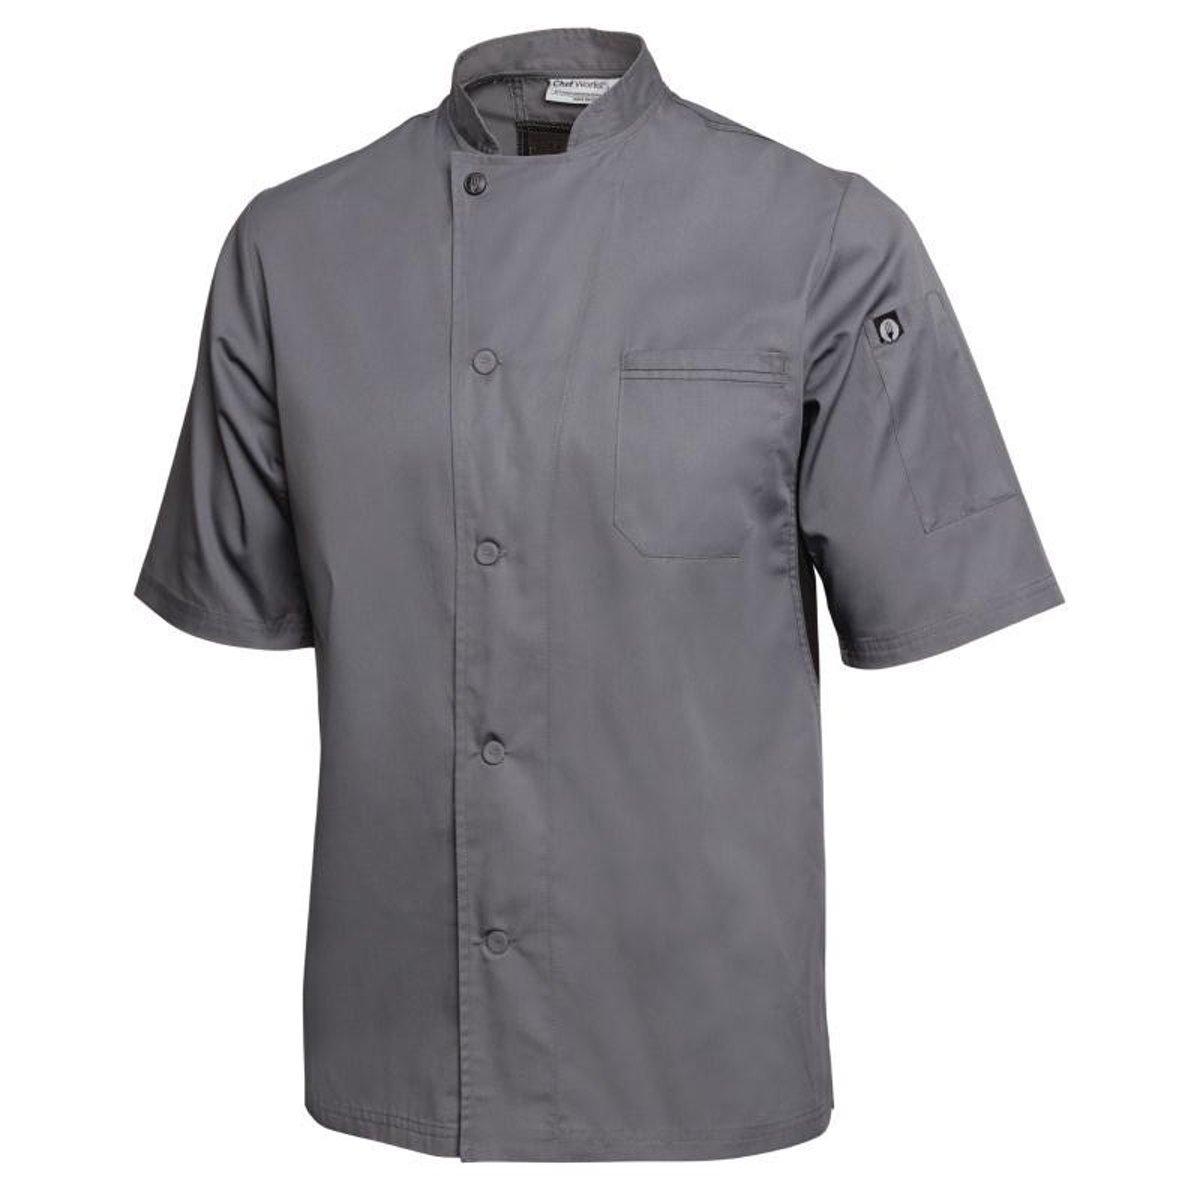 Chef Works koksbuis Valais grijs Maat S kopen